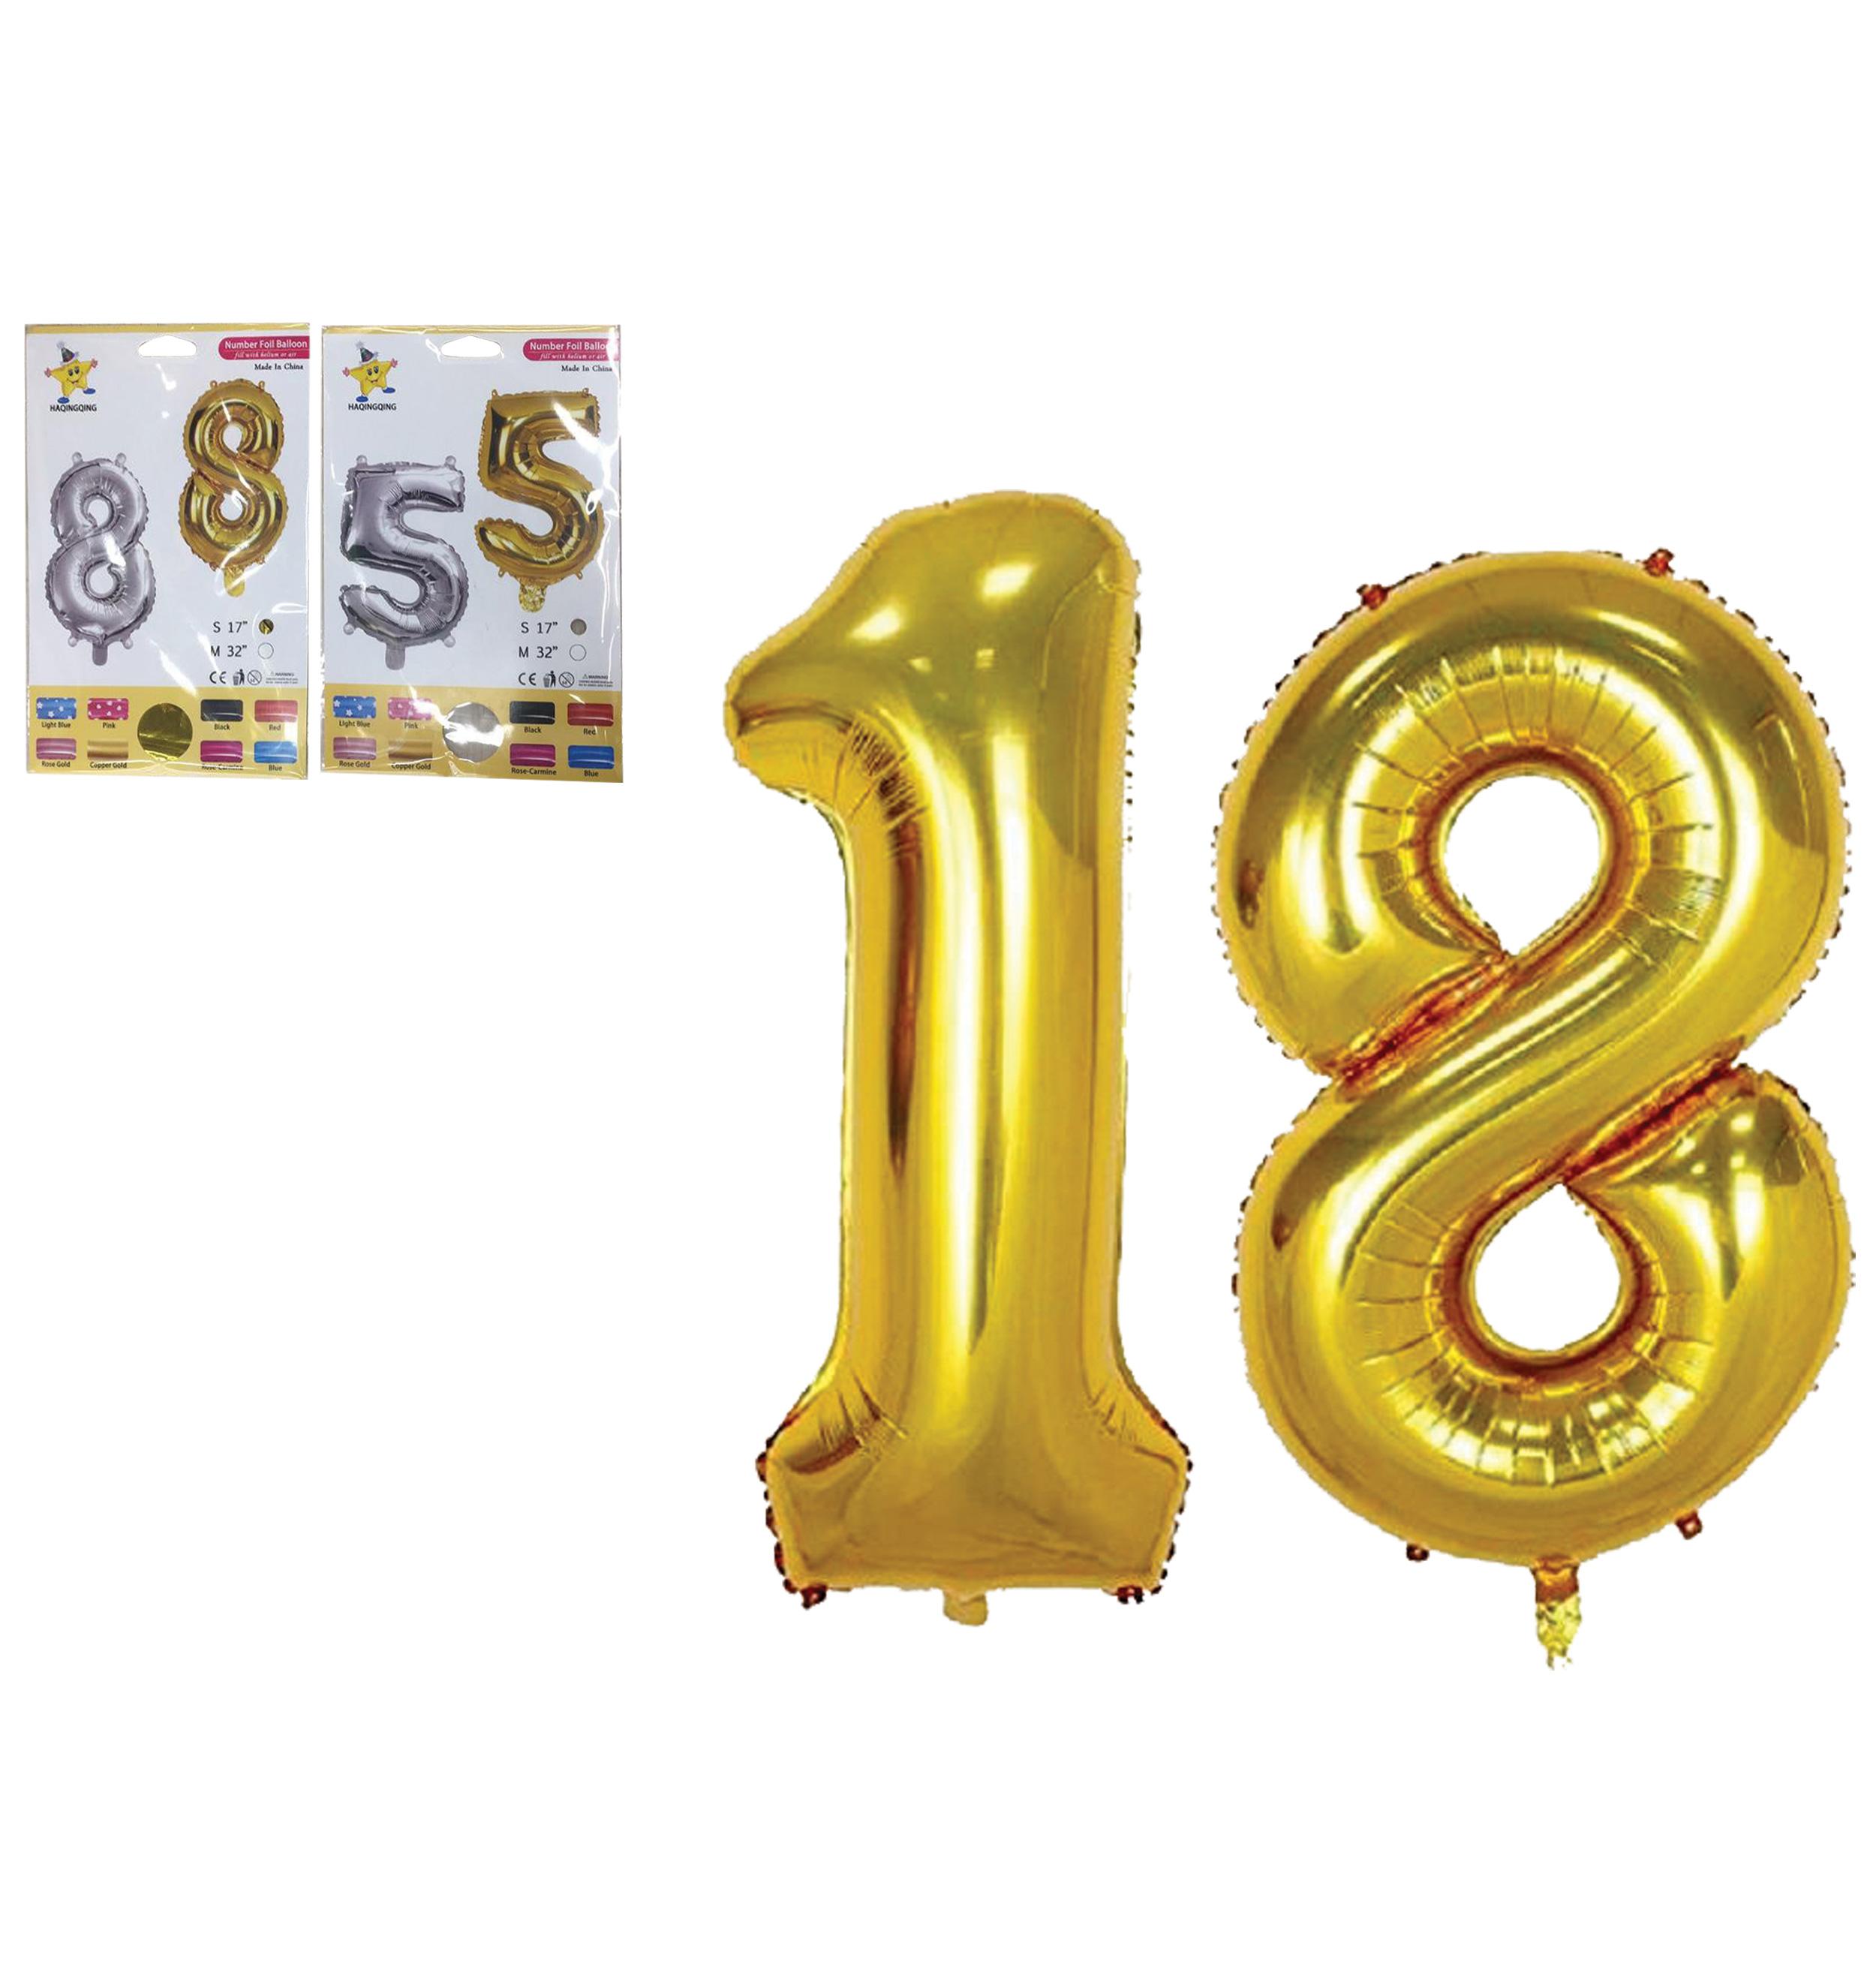 Αλουμινένια μπαλόνια με αριθμούς 0-9 ασημί - χρυσό